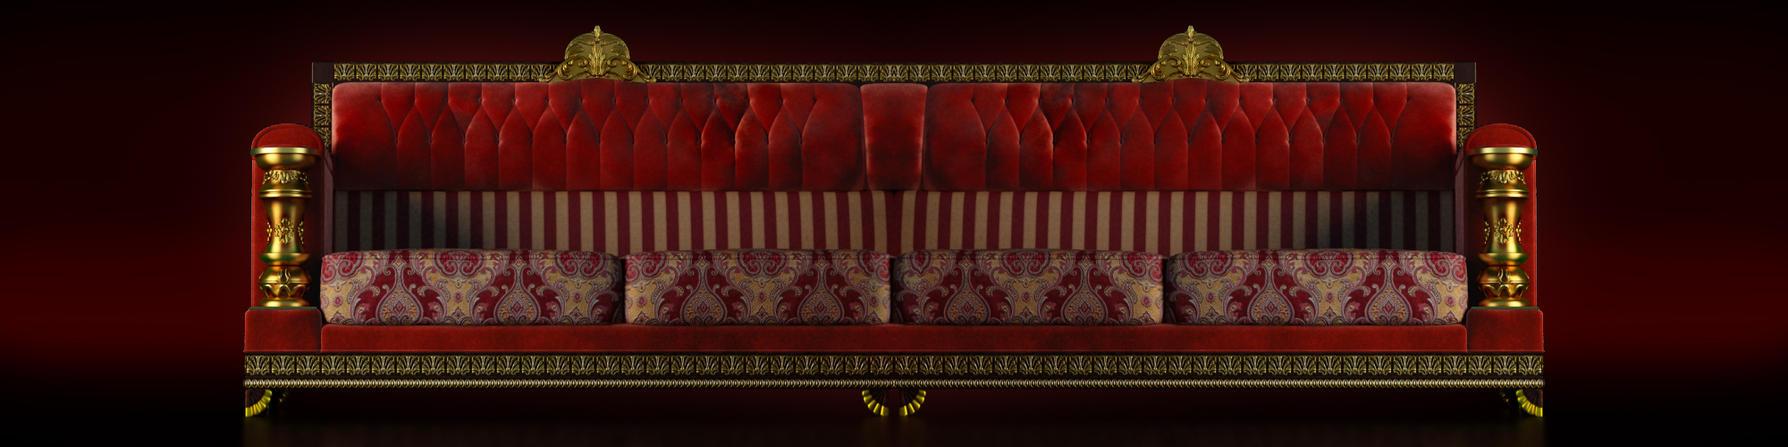 Arabic sofa 3 by a1future